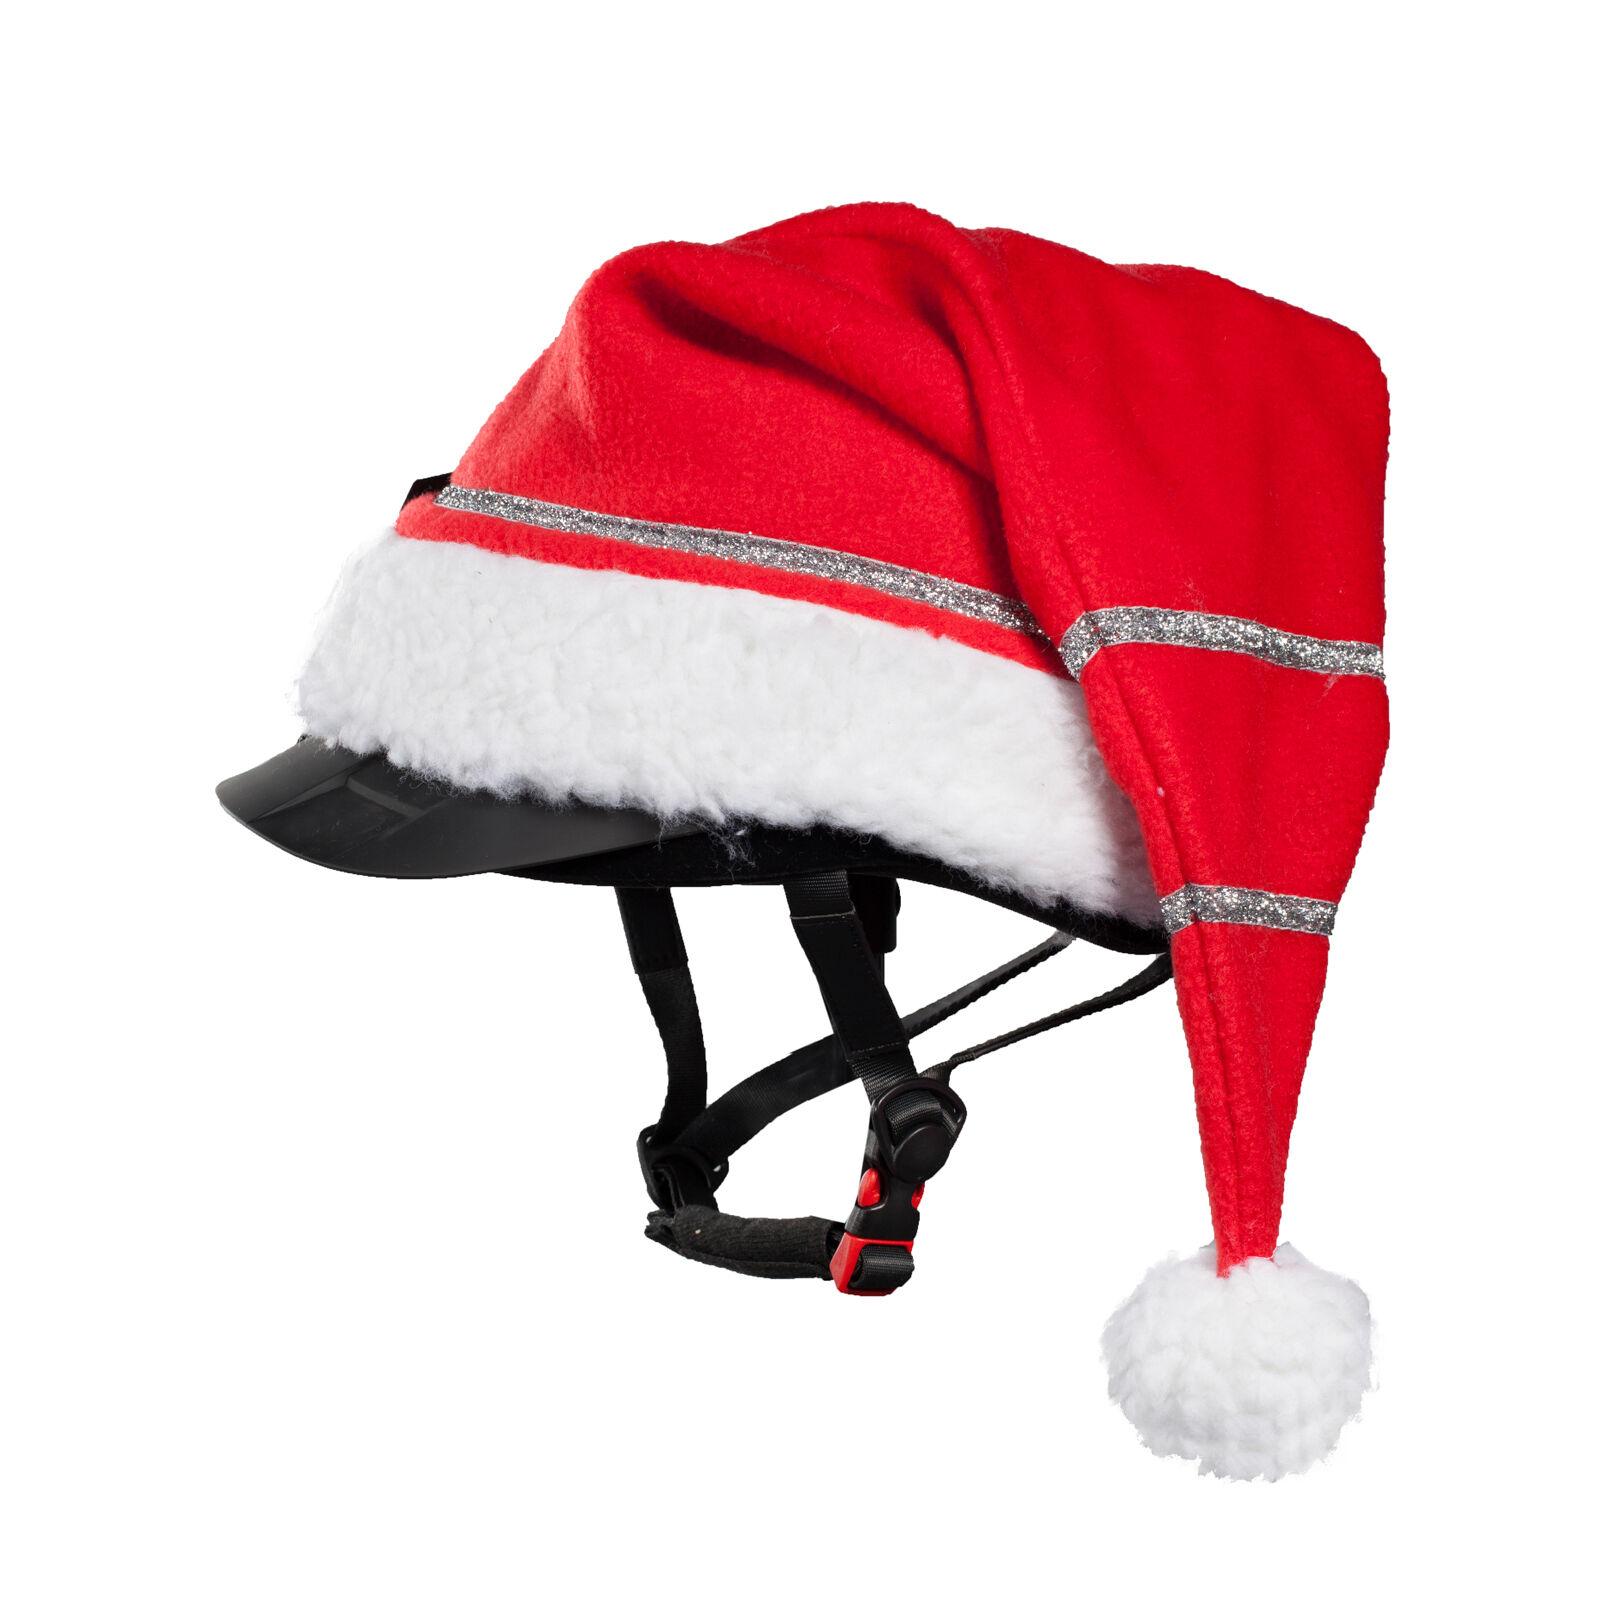 Horze Christmas Cap for Helmet   Horze